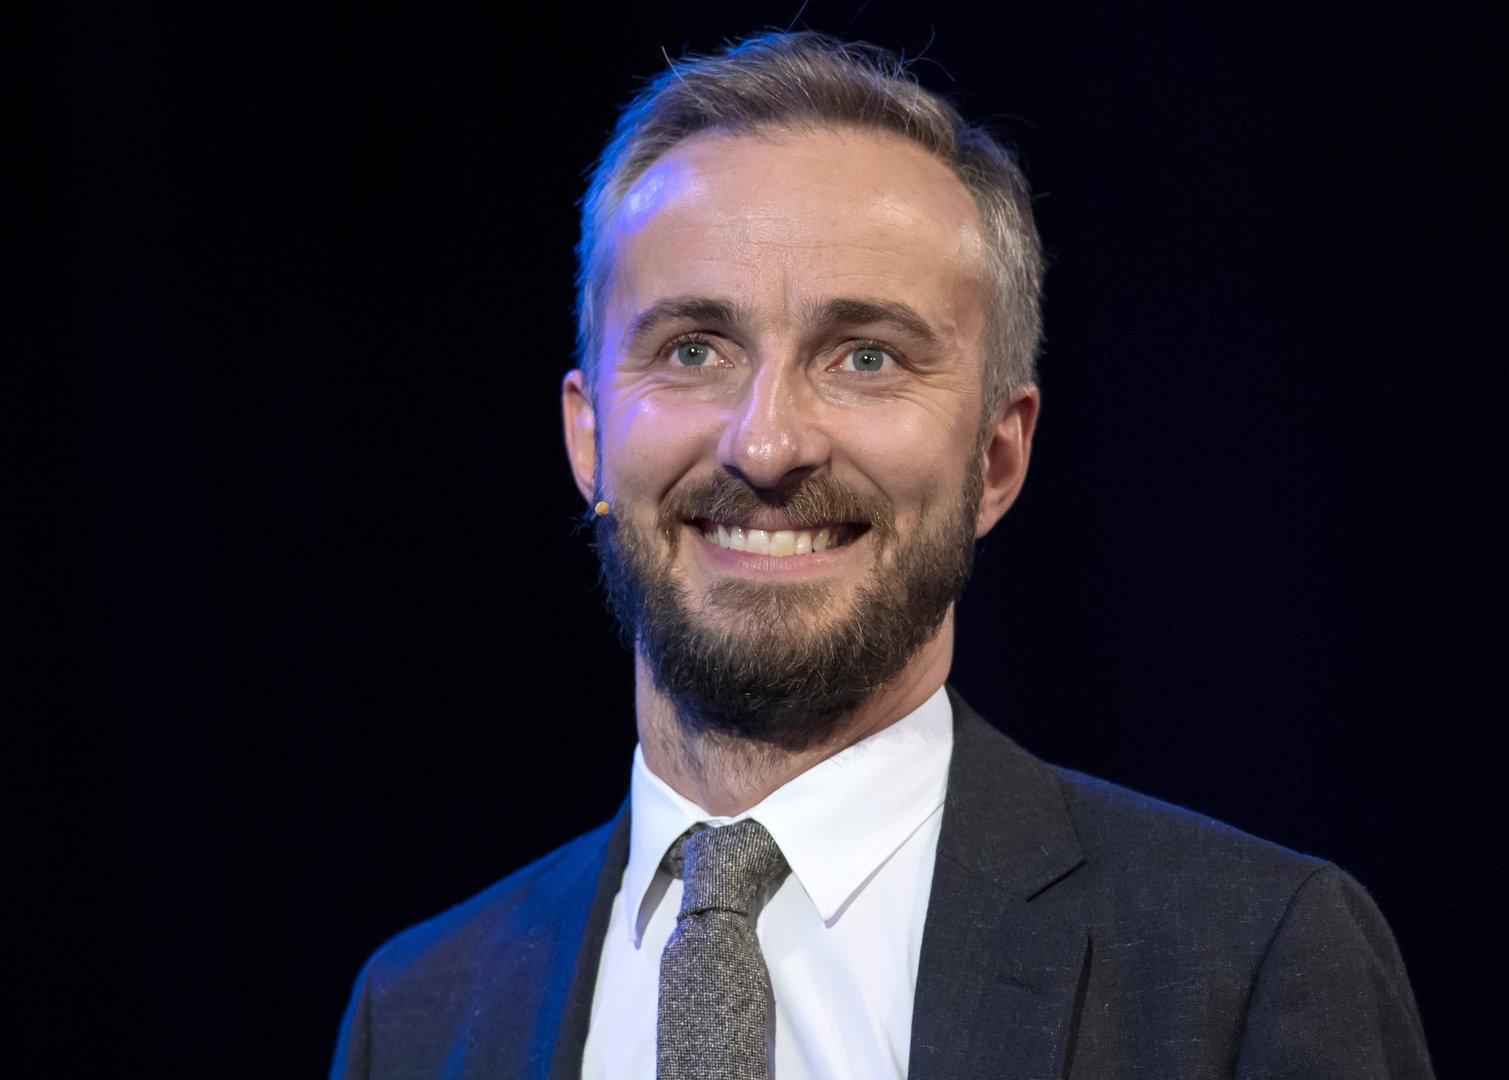 """Böhmermann verabschiedete sich singend vom """"Neo Magazin Royale"""""""